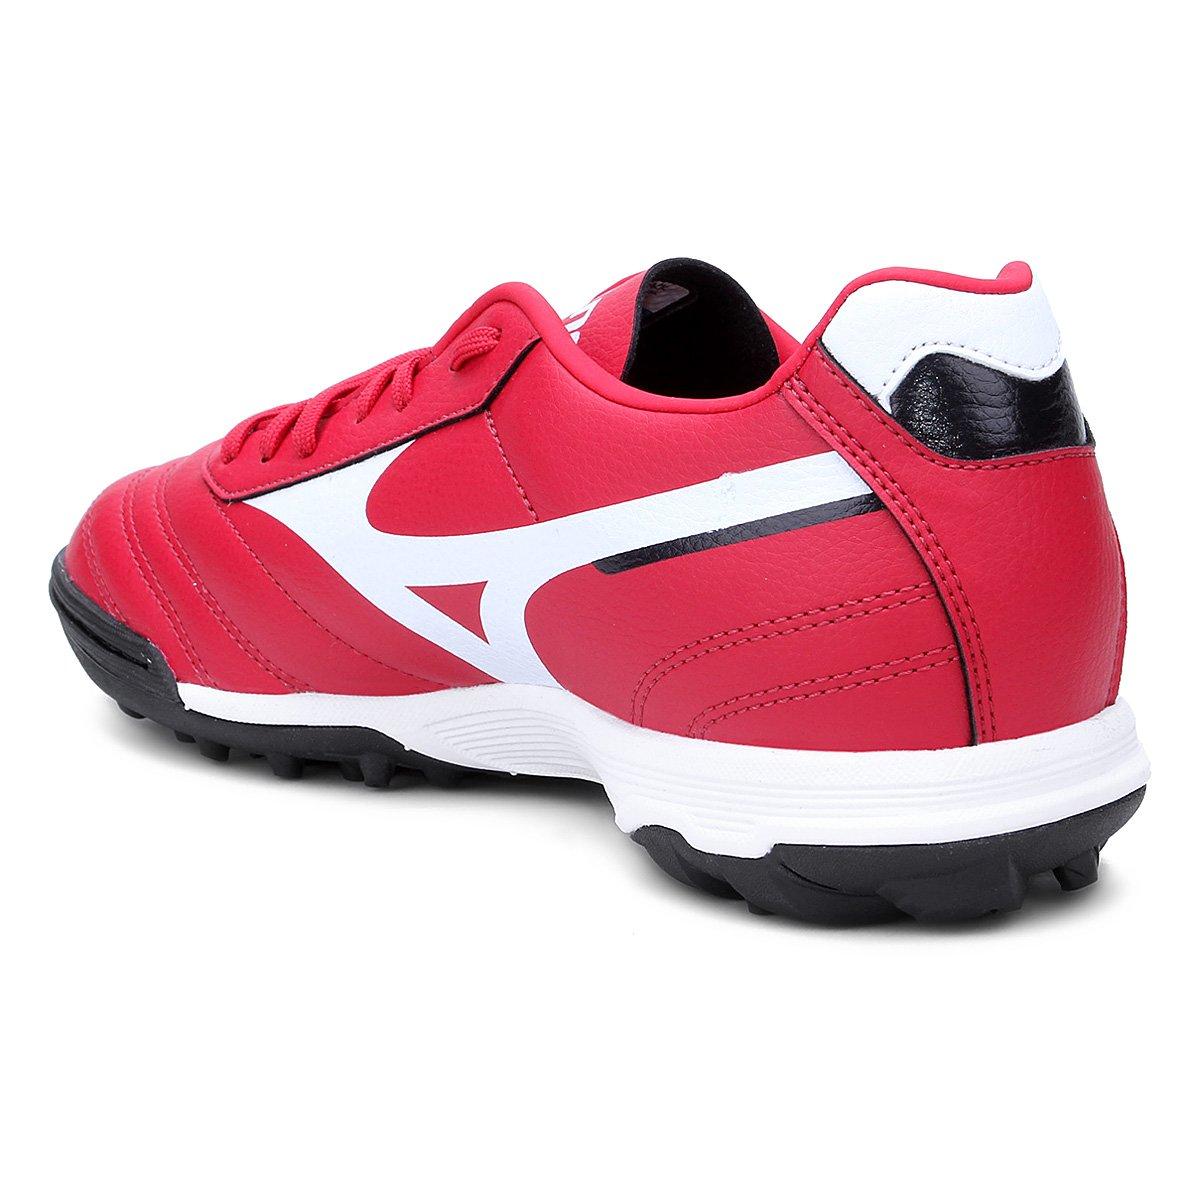 Chuteira Society Mizuno Morelia Classic AS P - Vermelho e Branco ... 30d491397fe82